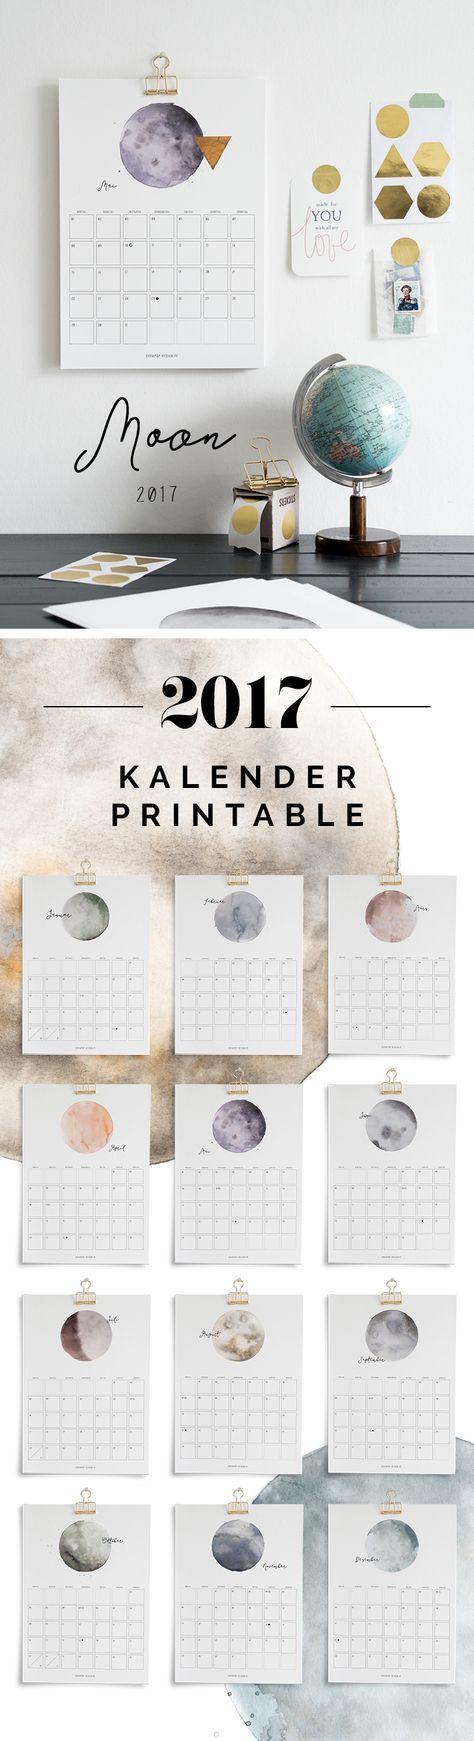 Printable Kalender | Watercolor | Moon | Calendar 2017 – via sodapop-design.de